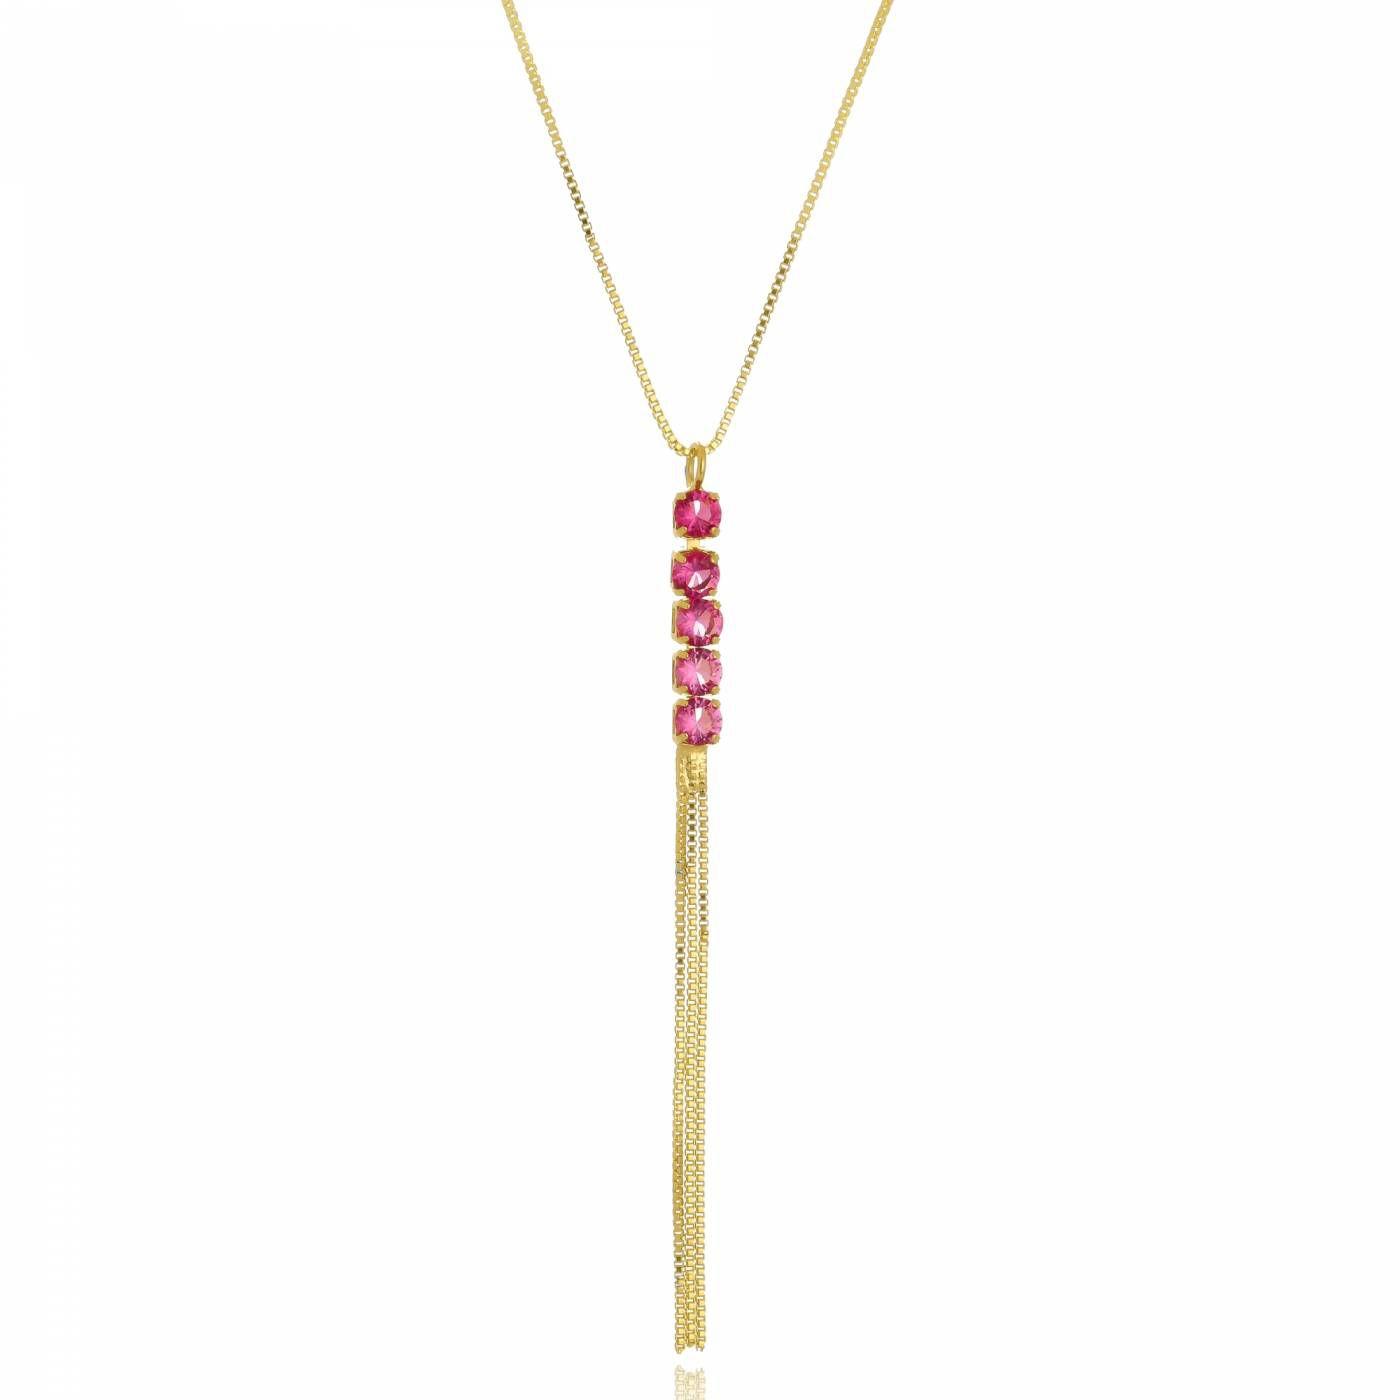 Colar Pêndulo em Zircônias Rosa Folheado a Ouro 18K